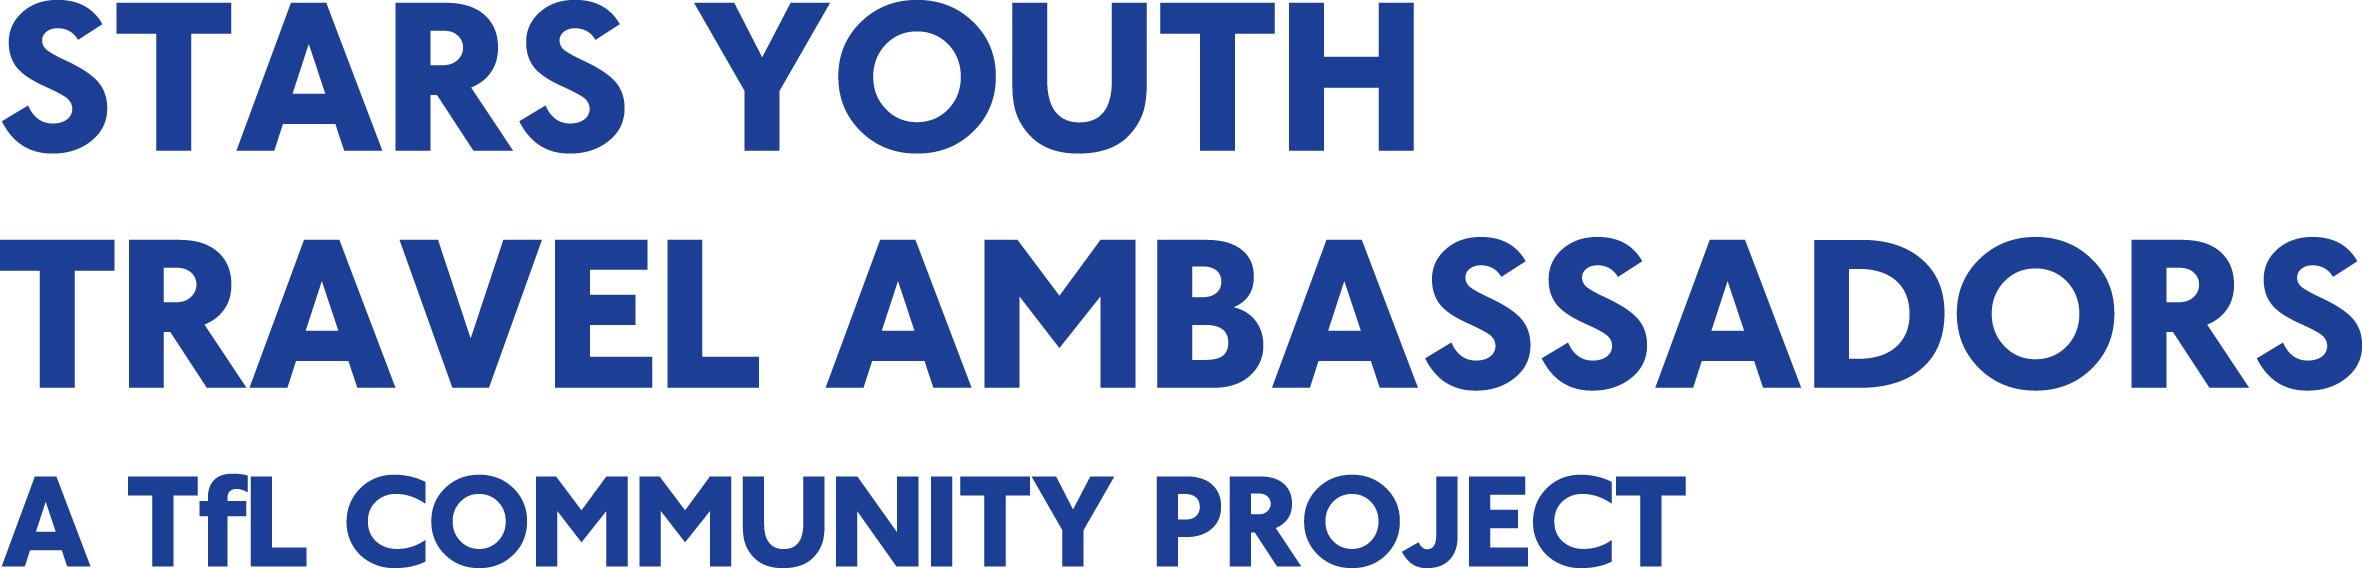 Youth Travel Ambassadors (YTA)